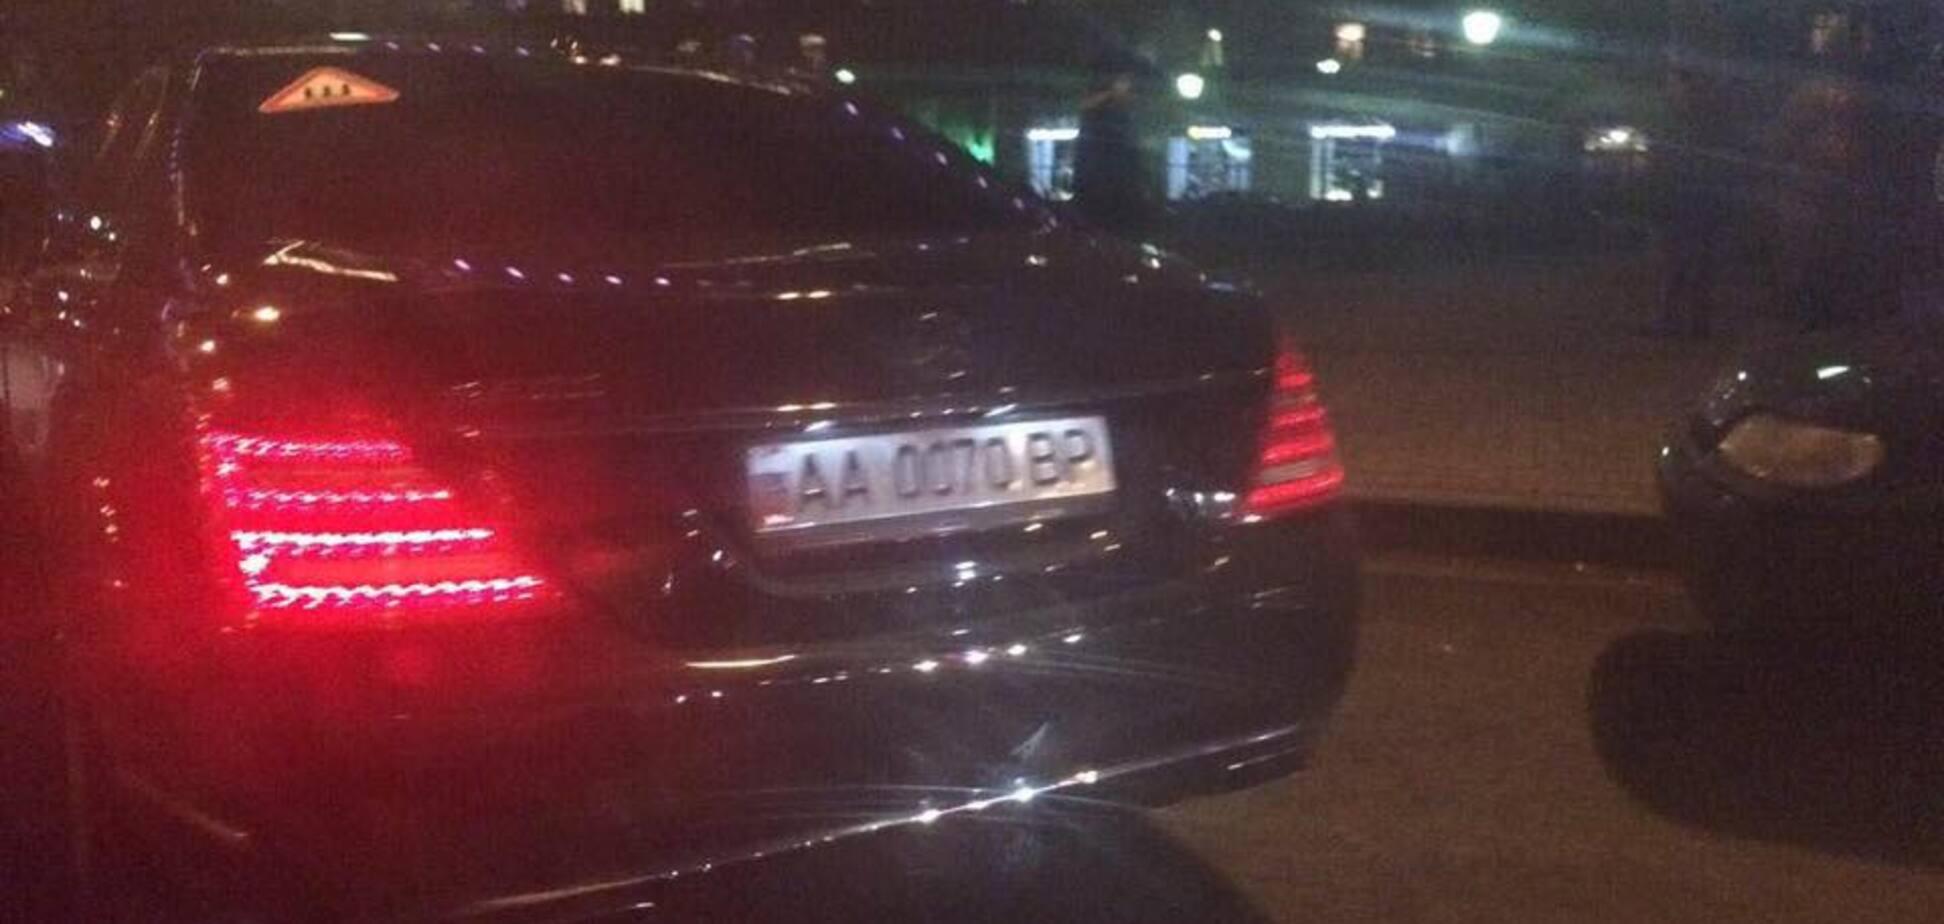 'Ездят столицей оккупантов': в Москве засекли украинское авто с номерами Верховной Рады